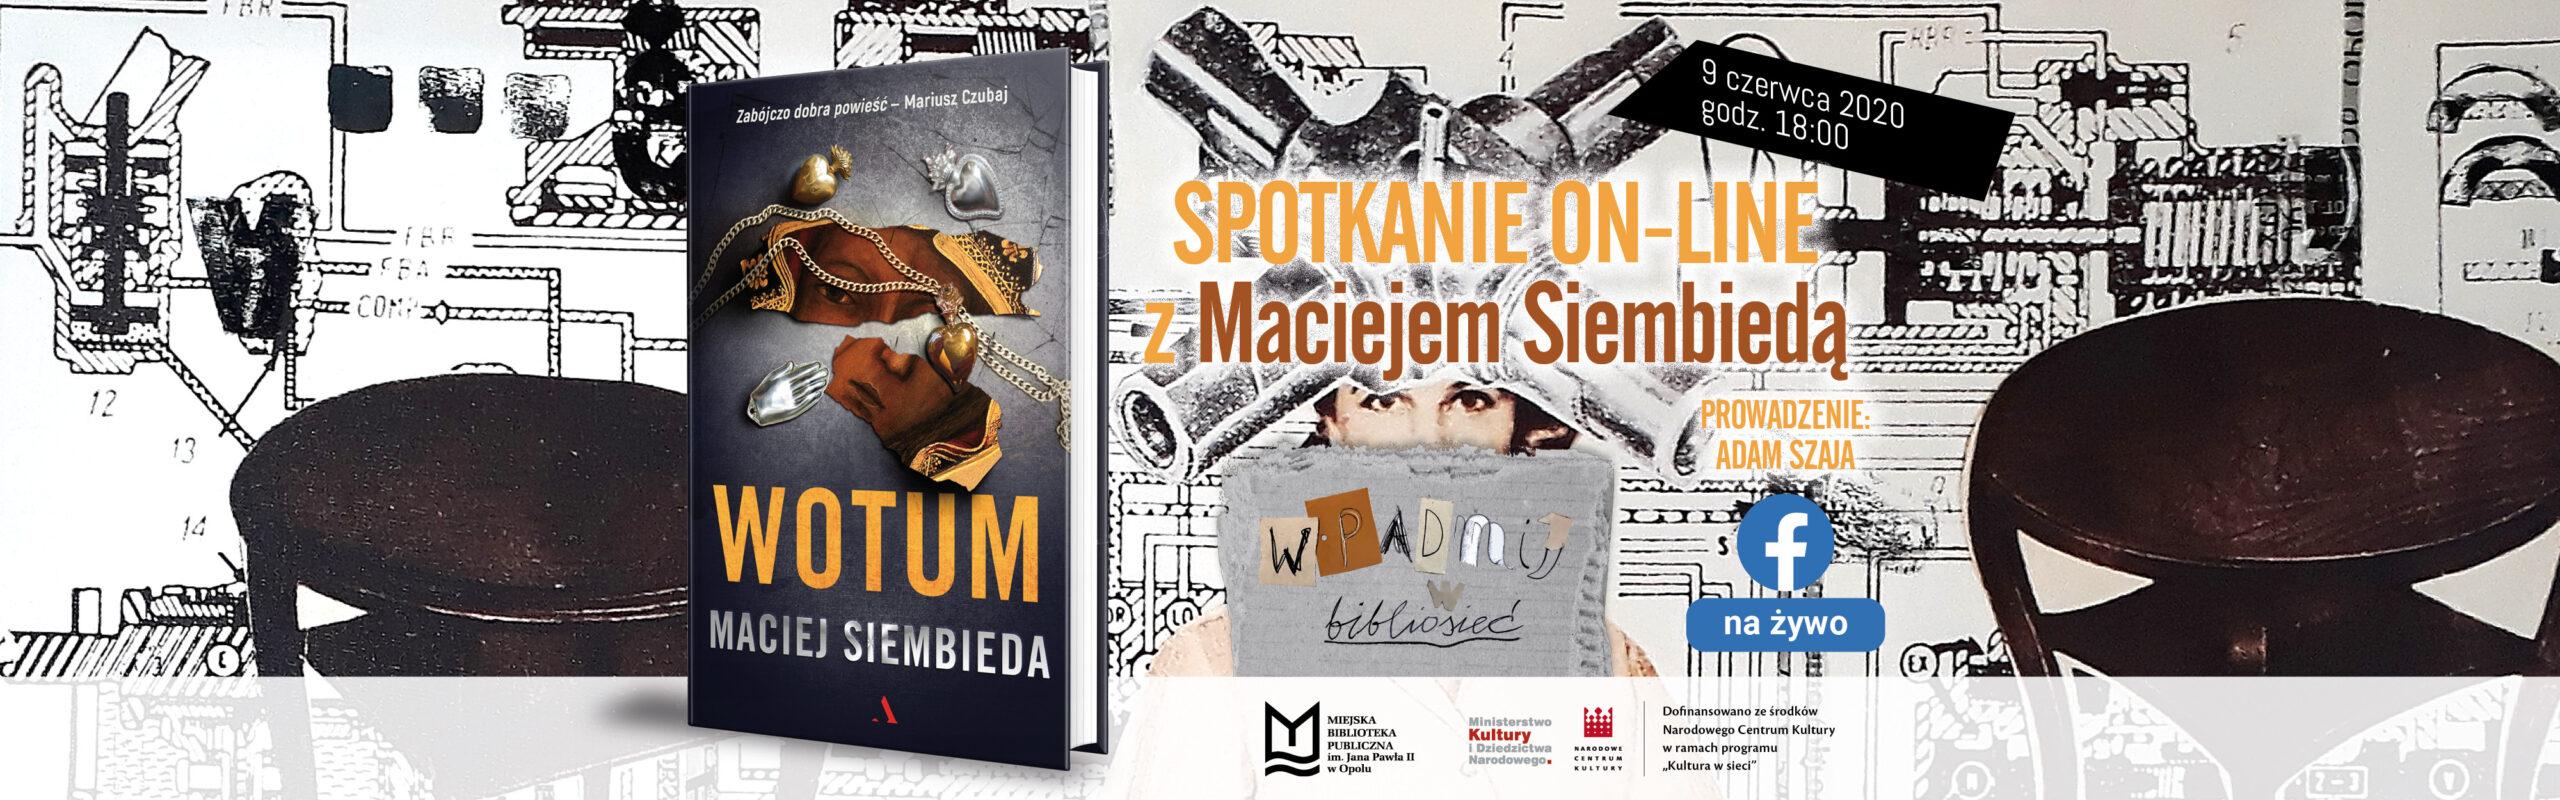 Wotum– spotkanie on-line z Maciejem Siembiedą